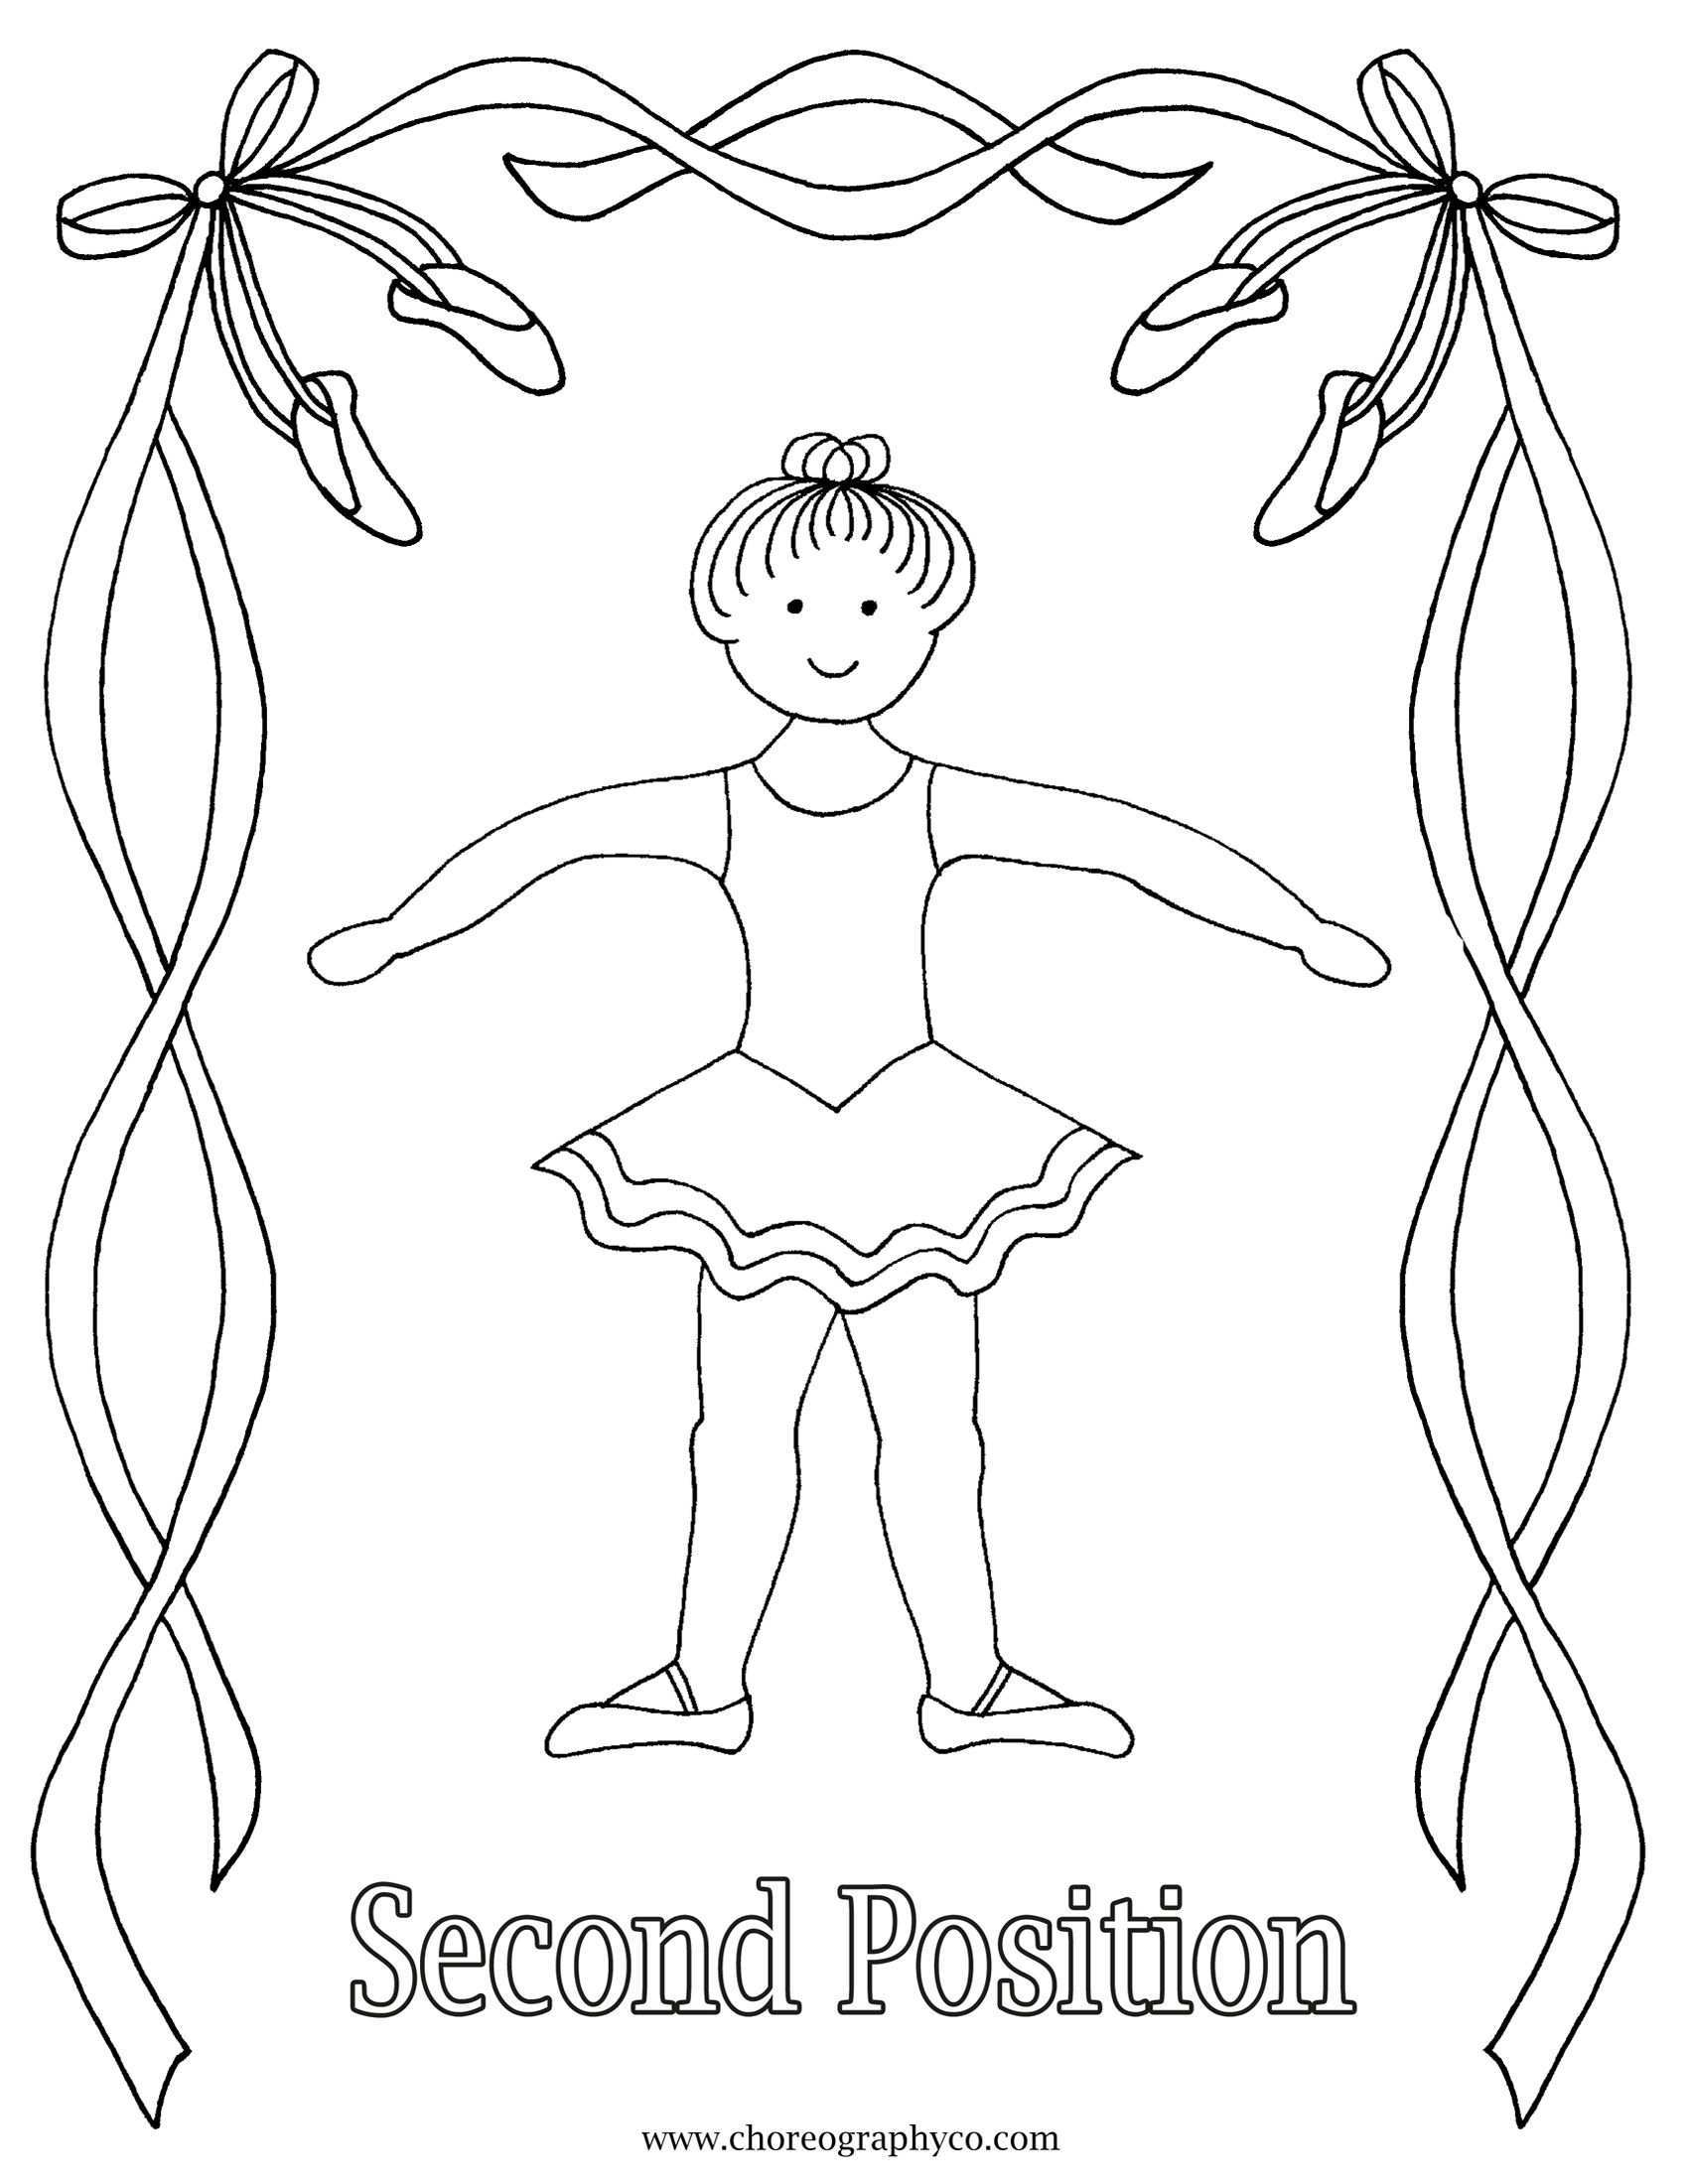 Reproducibleballetcoloringpagesmastersmall Page 02 Jpg 1 700 2 200 Pixels Dansen Kleurplaten Ballet